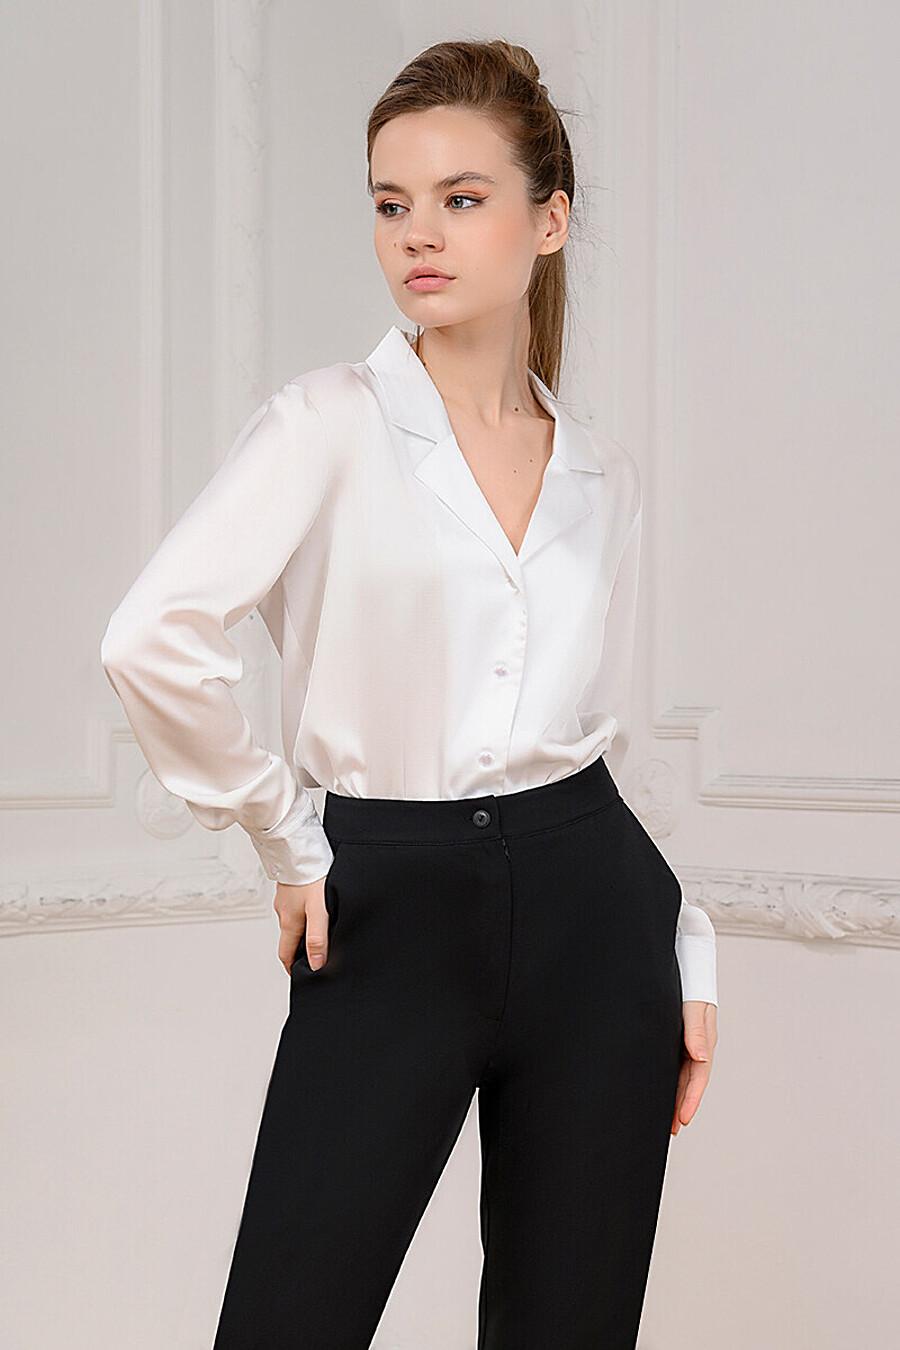 Брюки для женщин 1001 DRESS 707628 купить оптом от производителя. Совместная покупка женской одежды в OptMoyo